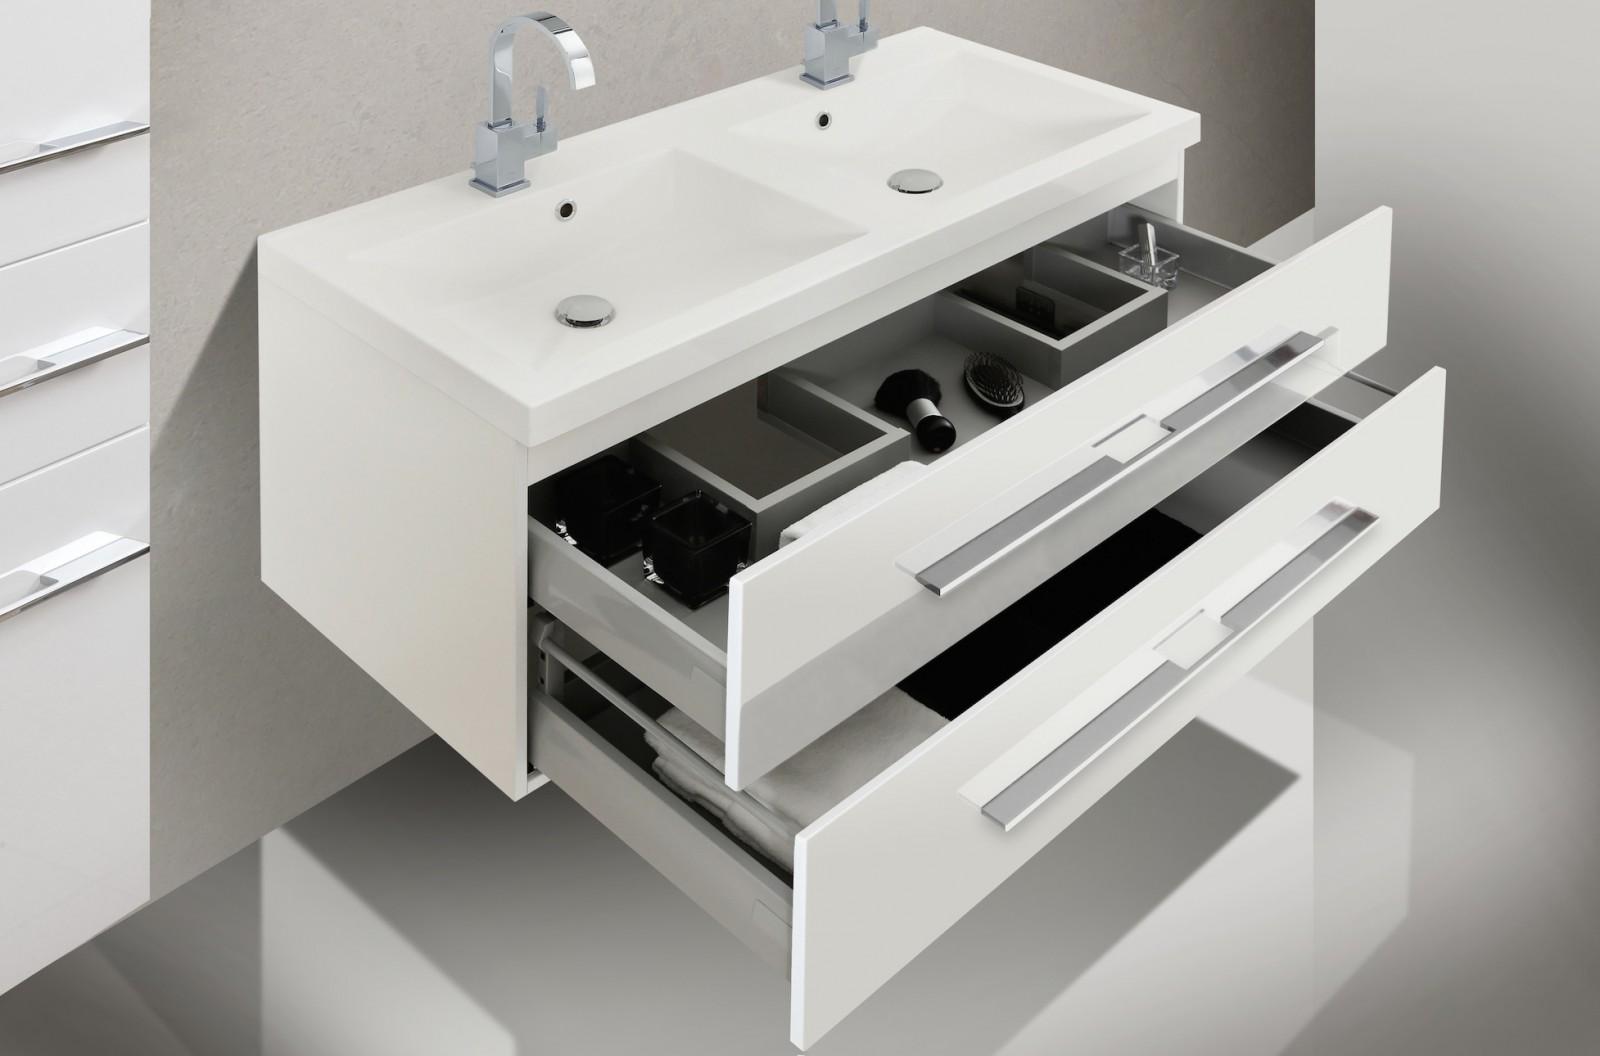 Badezimmermbel Set mit Waschbecken und Spiegelschank 120 cm  designbaedercom